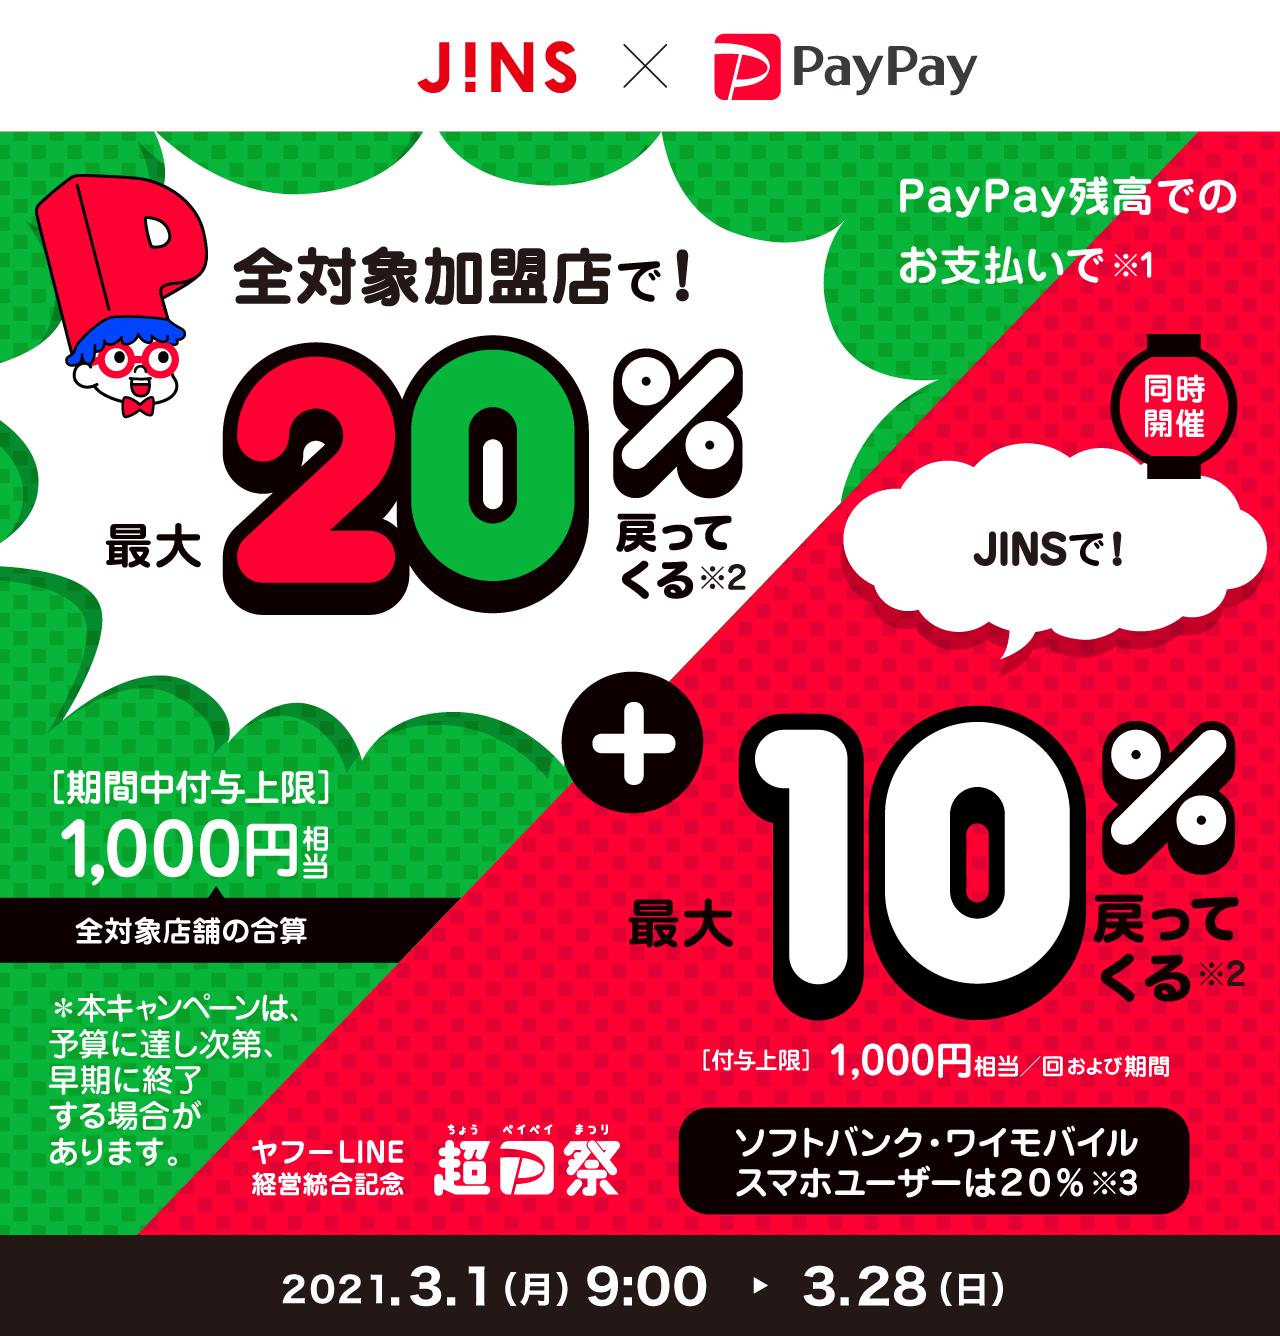 全対象加盟店で!最大20%戻ってくる + JINSで!最大10%戻ってくる